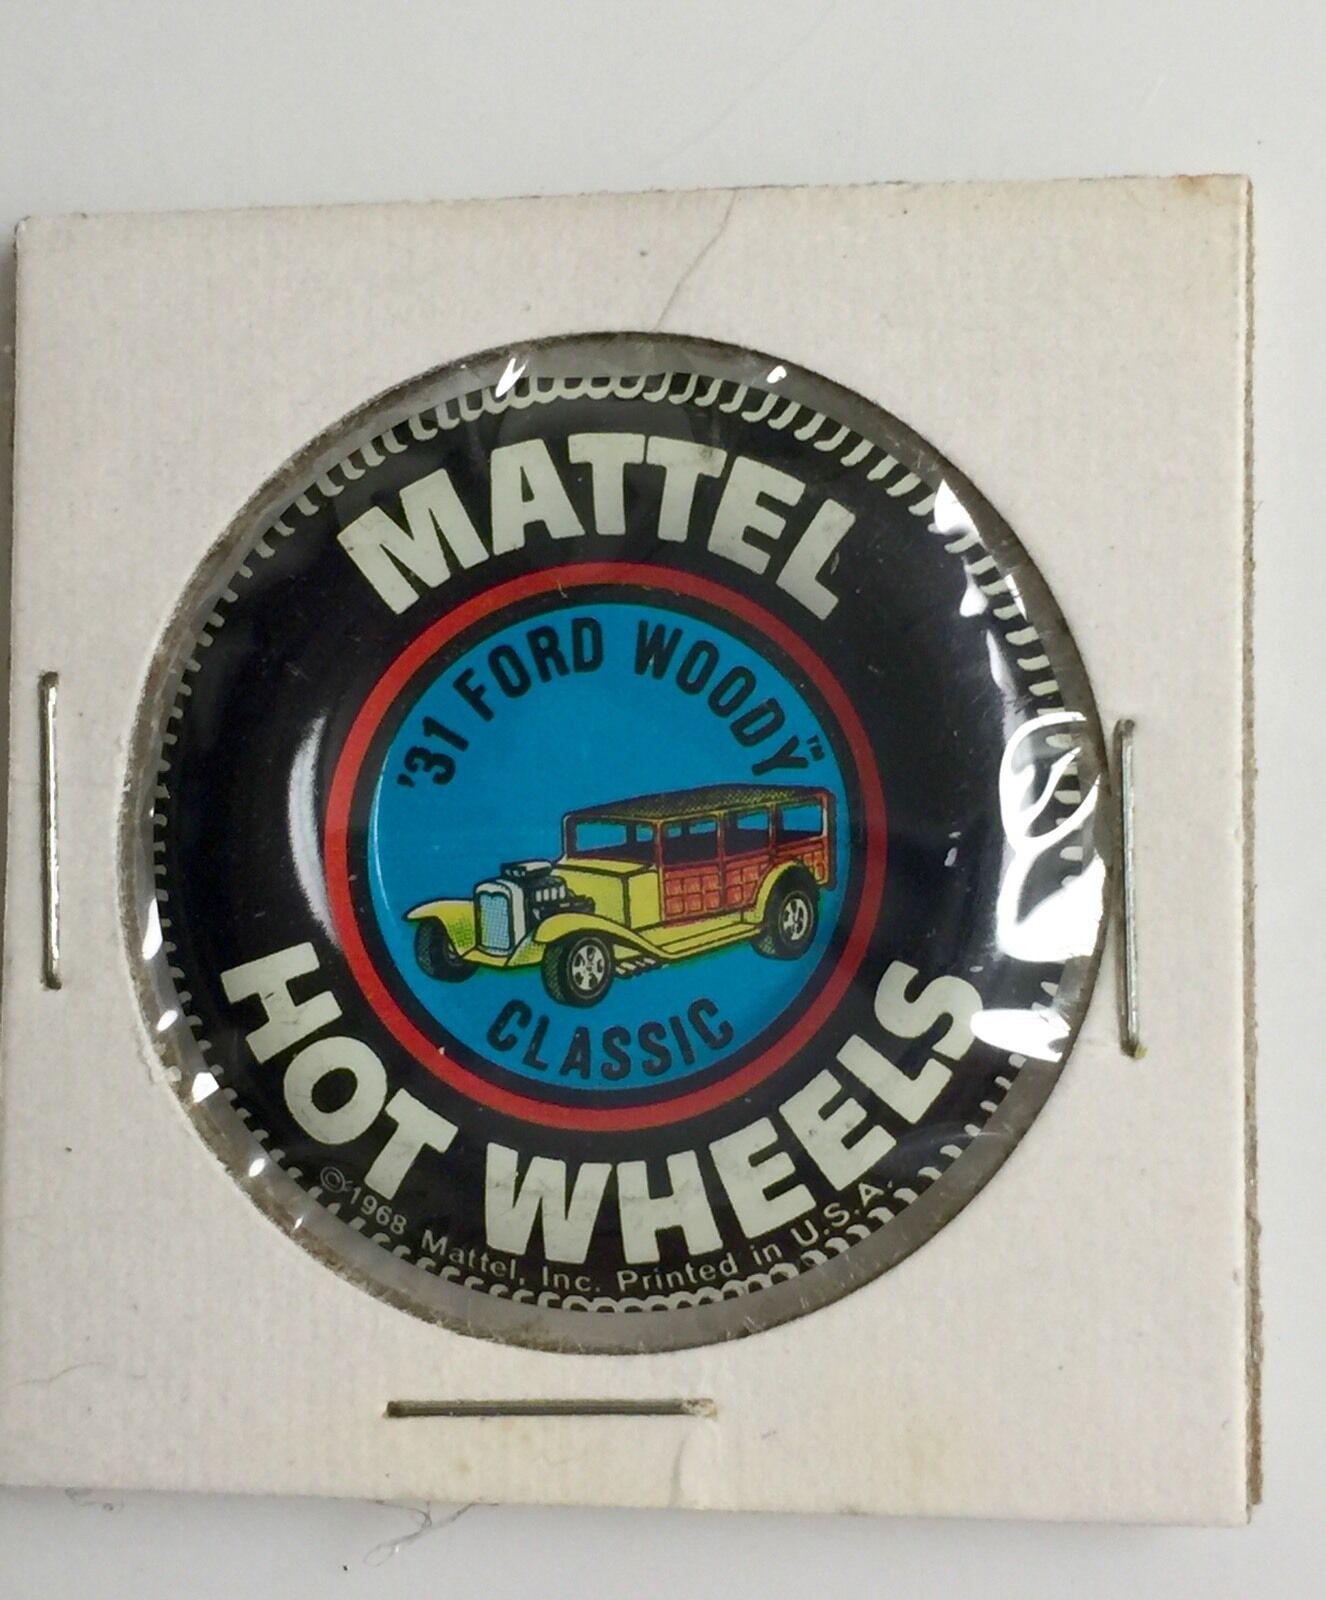 classeic 31 FORD Woody USA 1968 caliente ruedas rossoline pulsante molto difficile da trovare Pin